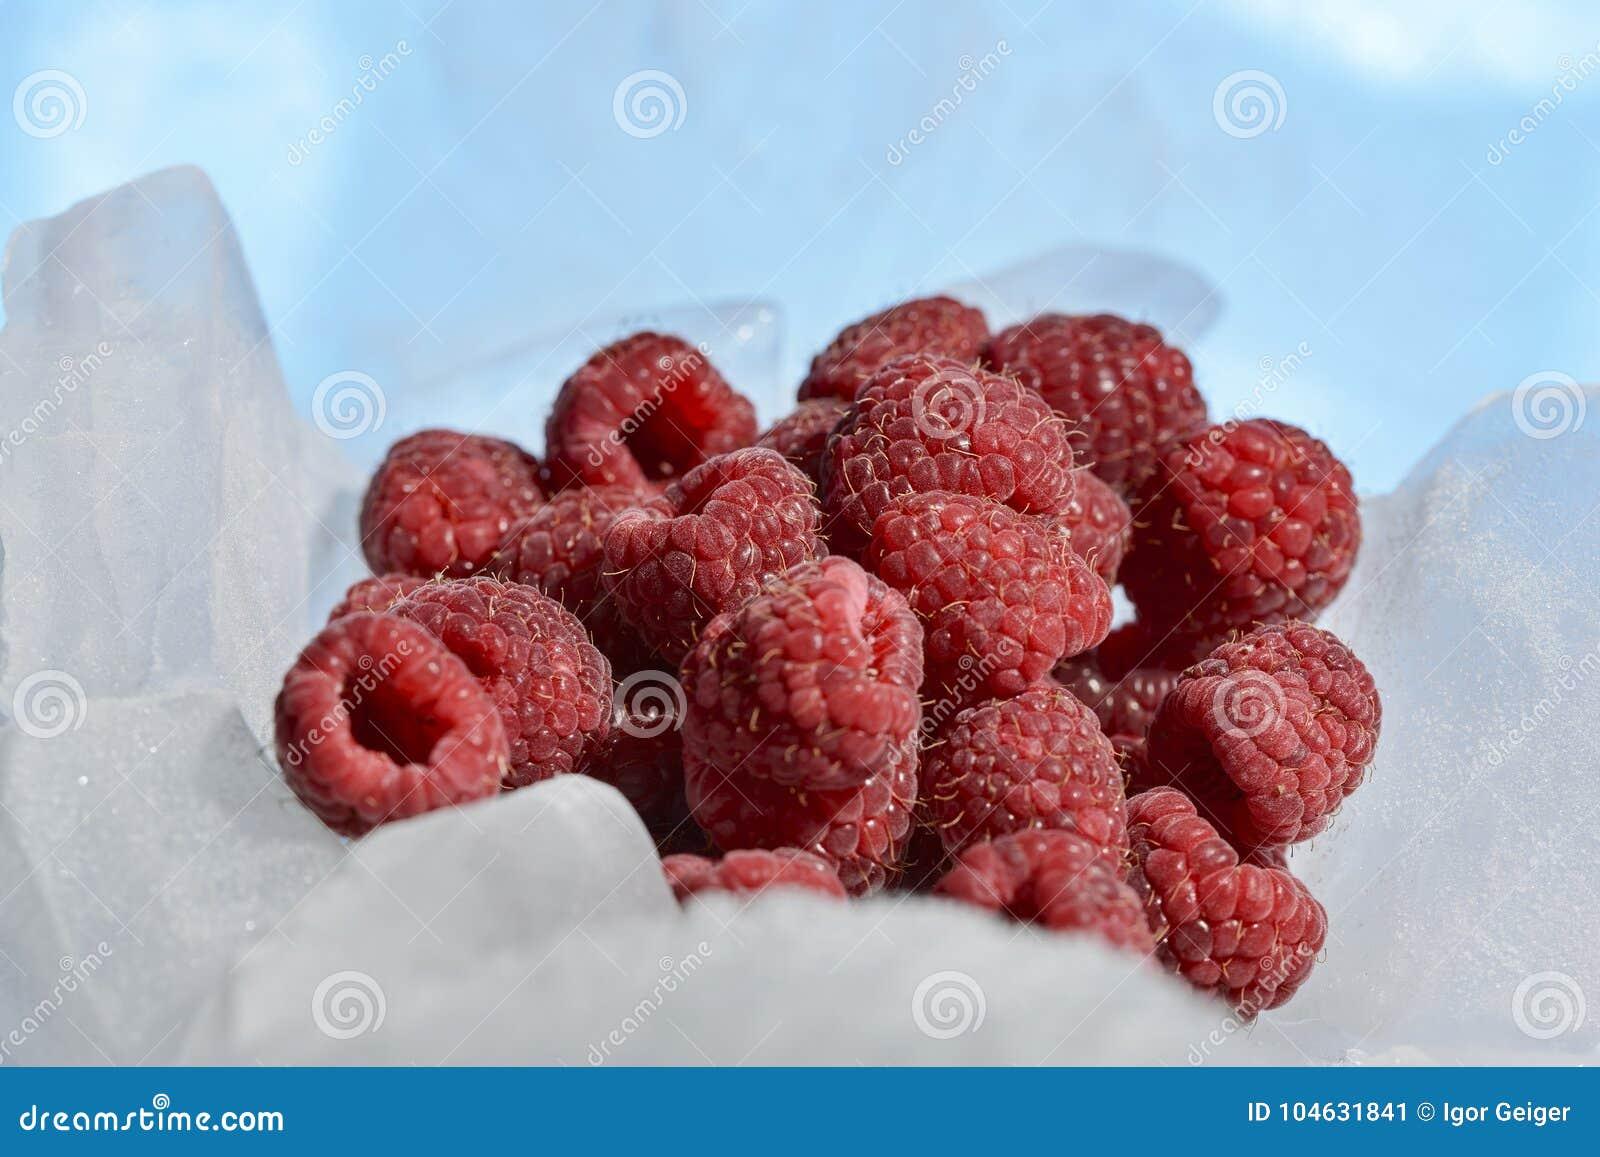 Download De Verse Frambozen Zijn Bevroren Op Koud Blauw Ijs Stock Afbeelding - Afbeelding bestaande uit voedsel, koude: 104631841